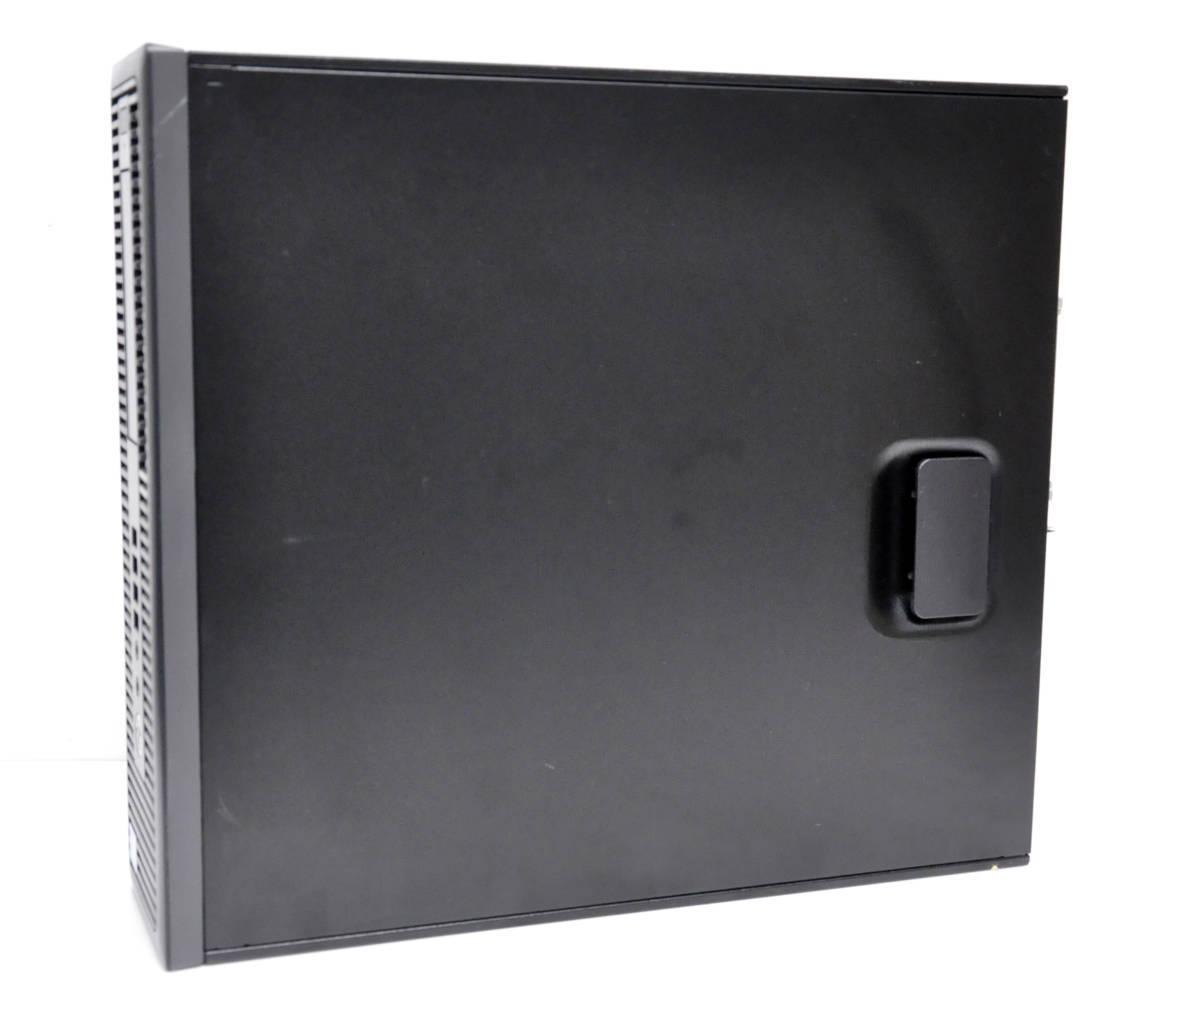 ★ HP EliteDesk 800G1SFF 高性能 Corei5-4590 3.3GHz / メモリ8GB / 新品SSD240GB / Radeon HD7570 / Win10 64BIT PRO_画像3